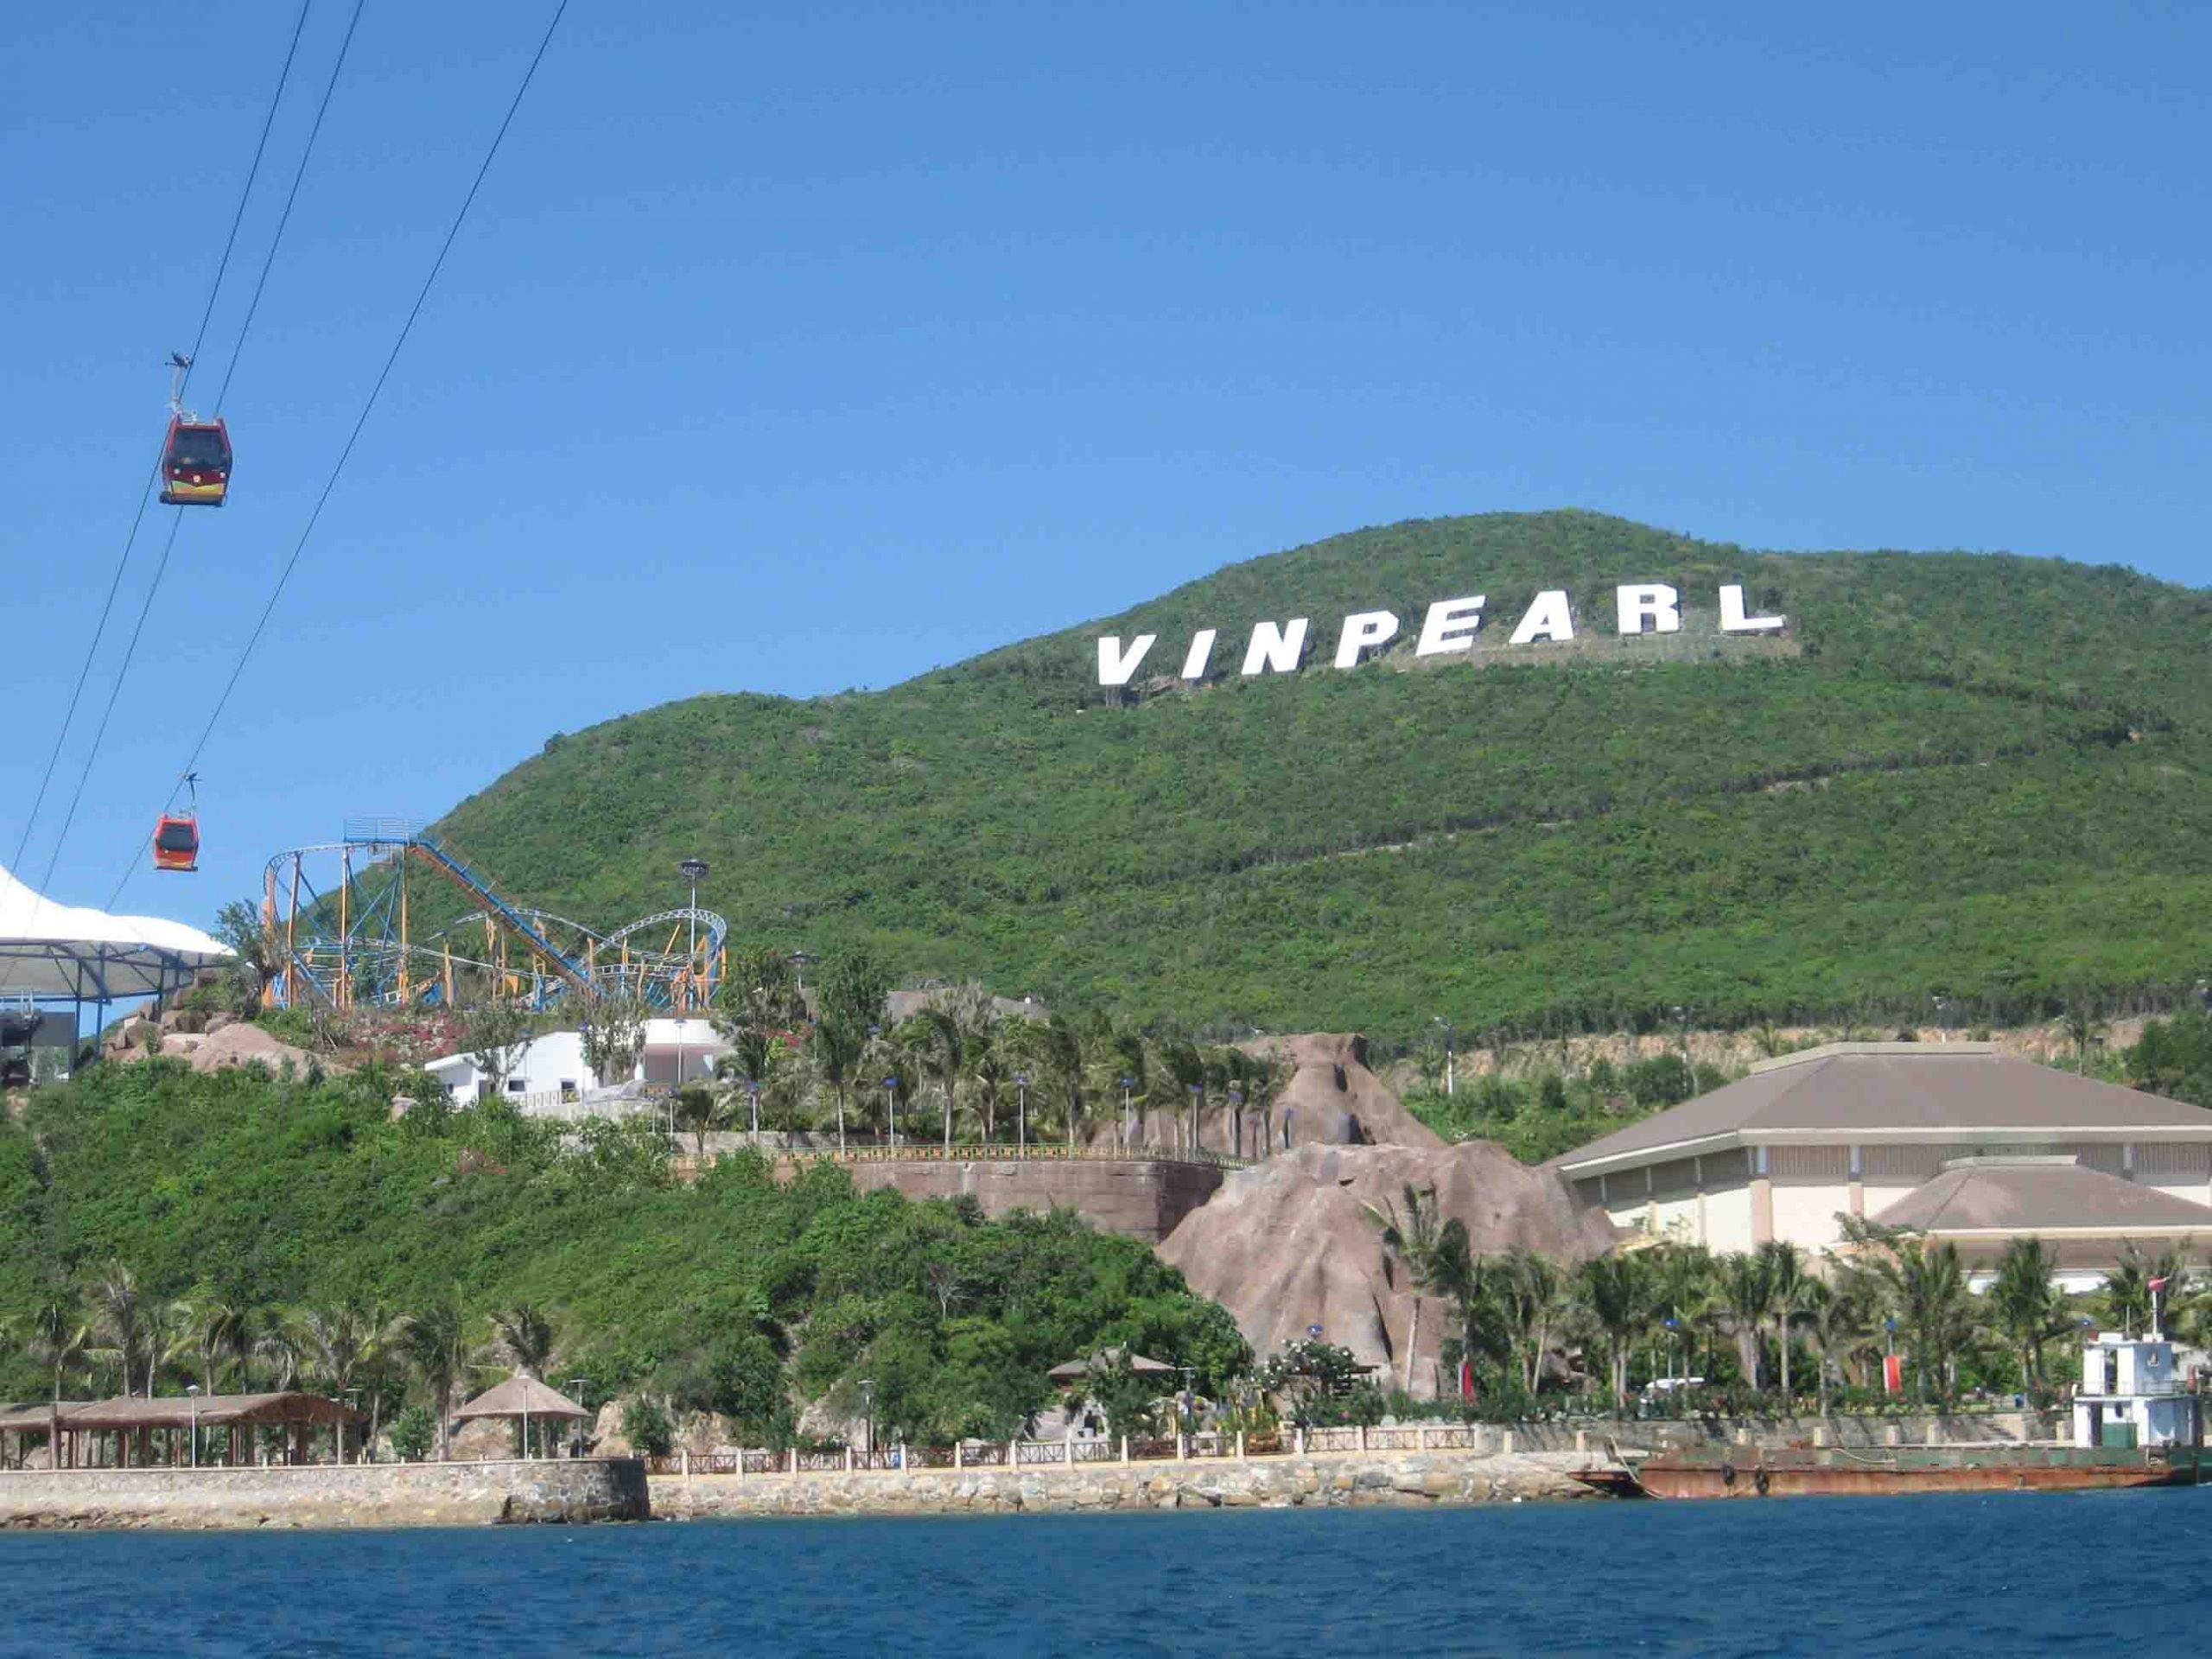 Bảng hiệu đặc trưng của khu giải trí hiện đại Vinpearl